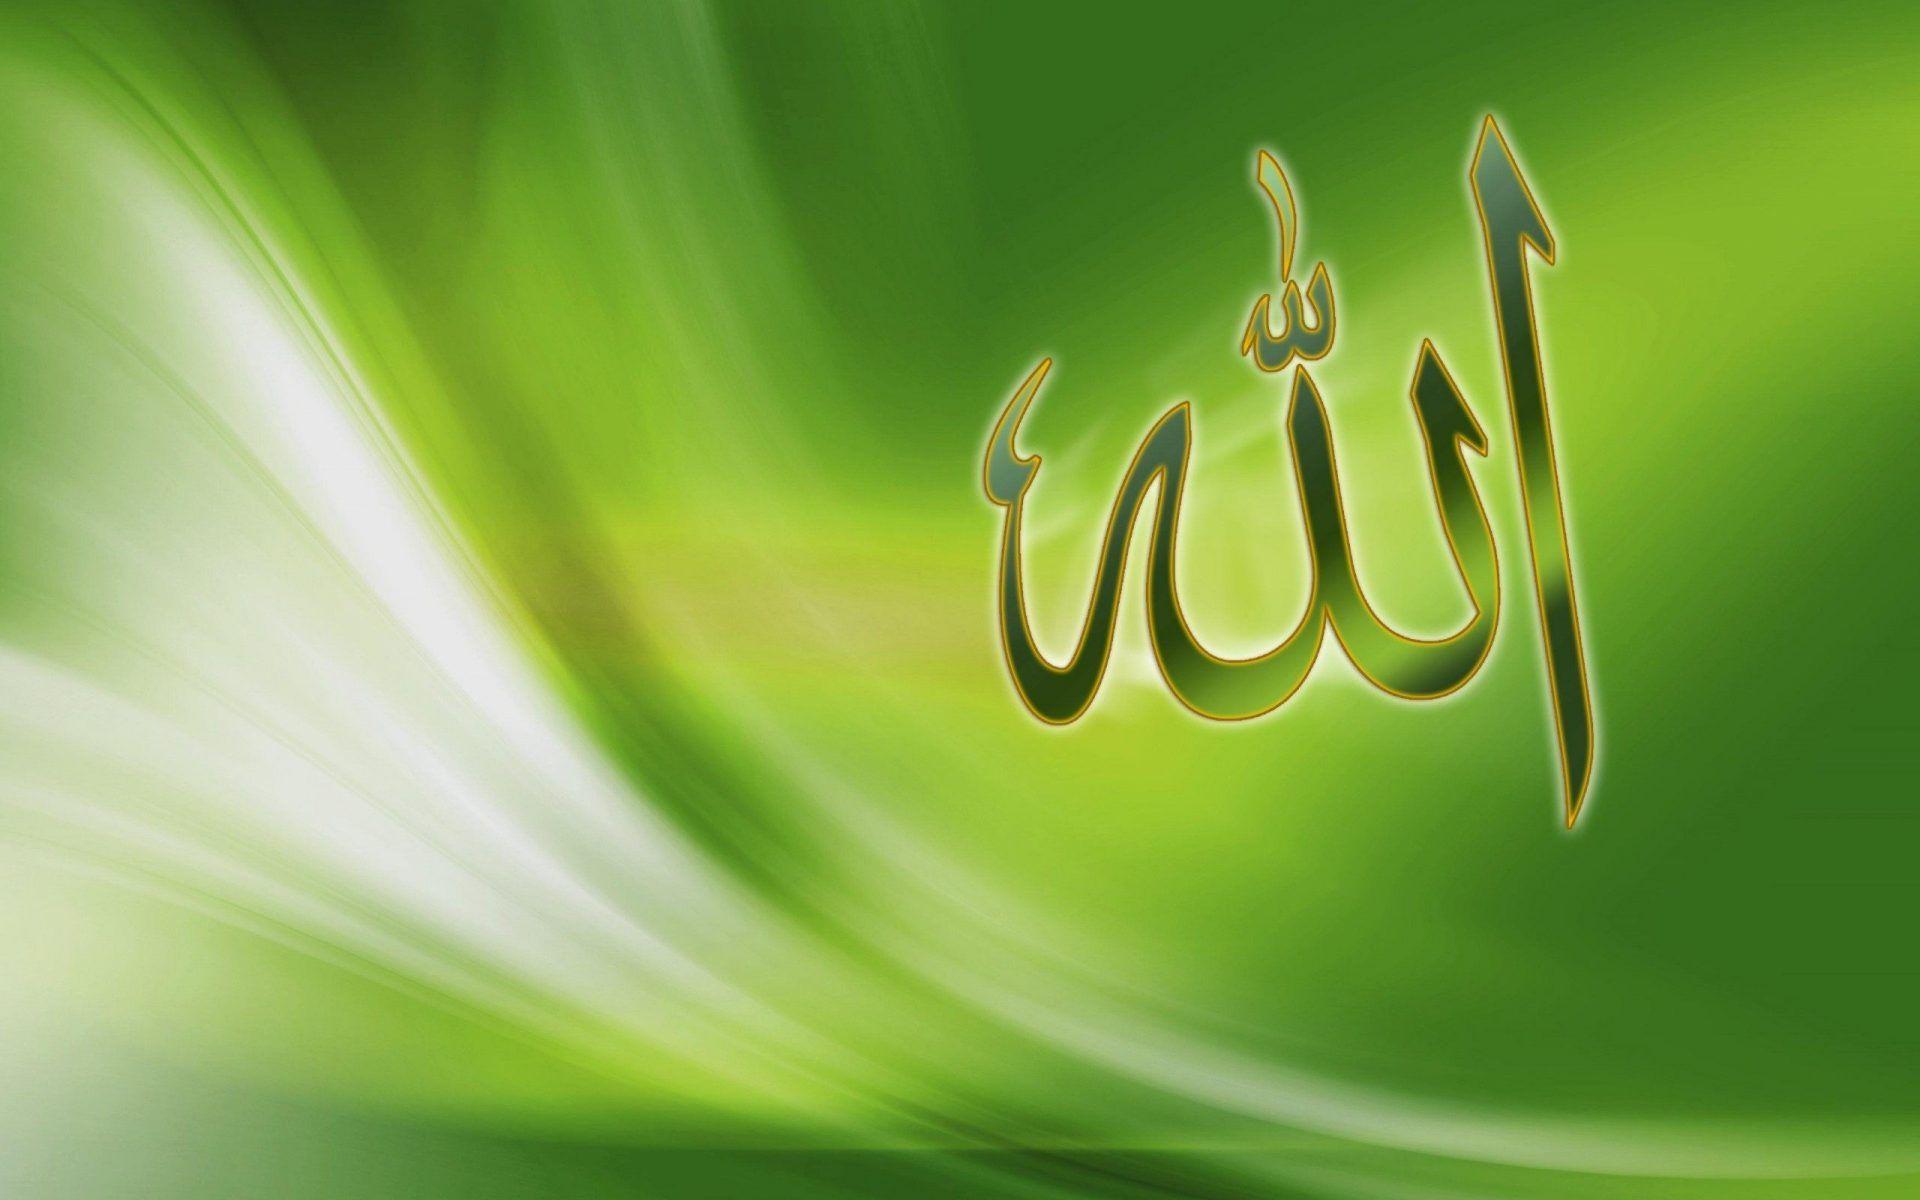 Wallpaper download hd full - Full Hd Allah Name Wallpaper Desktop Wallpaper Download Free For Widescreen Mobile Table